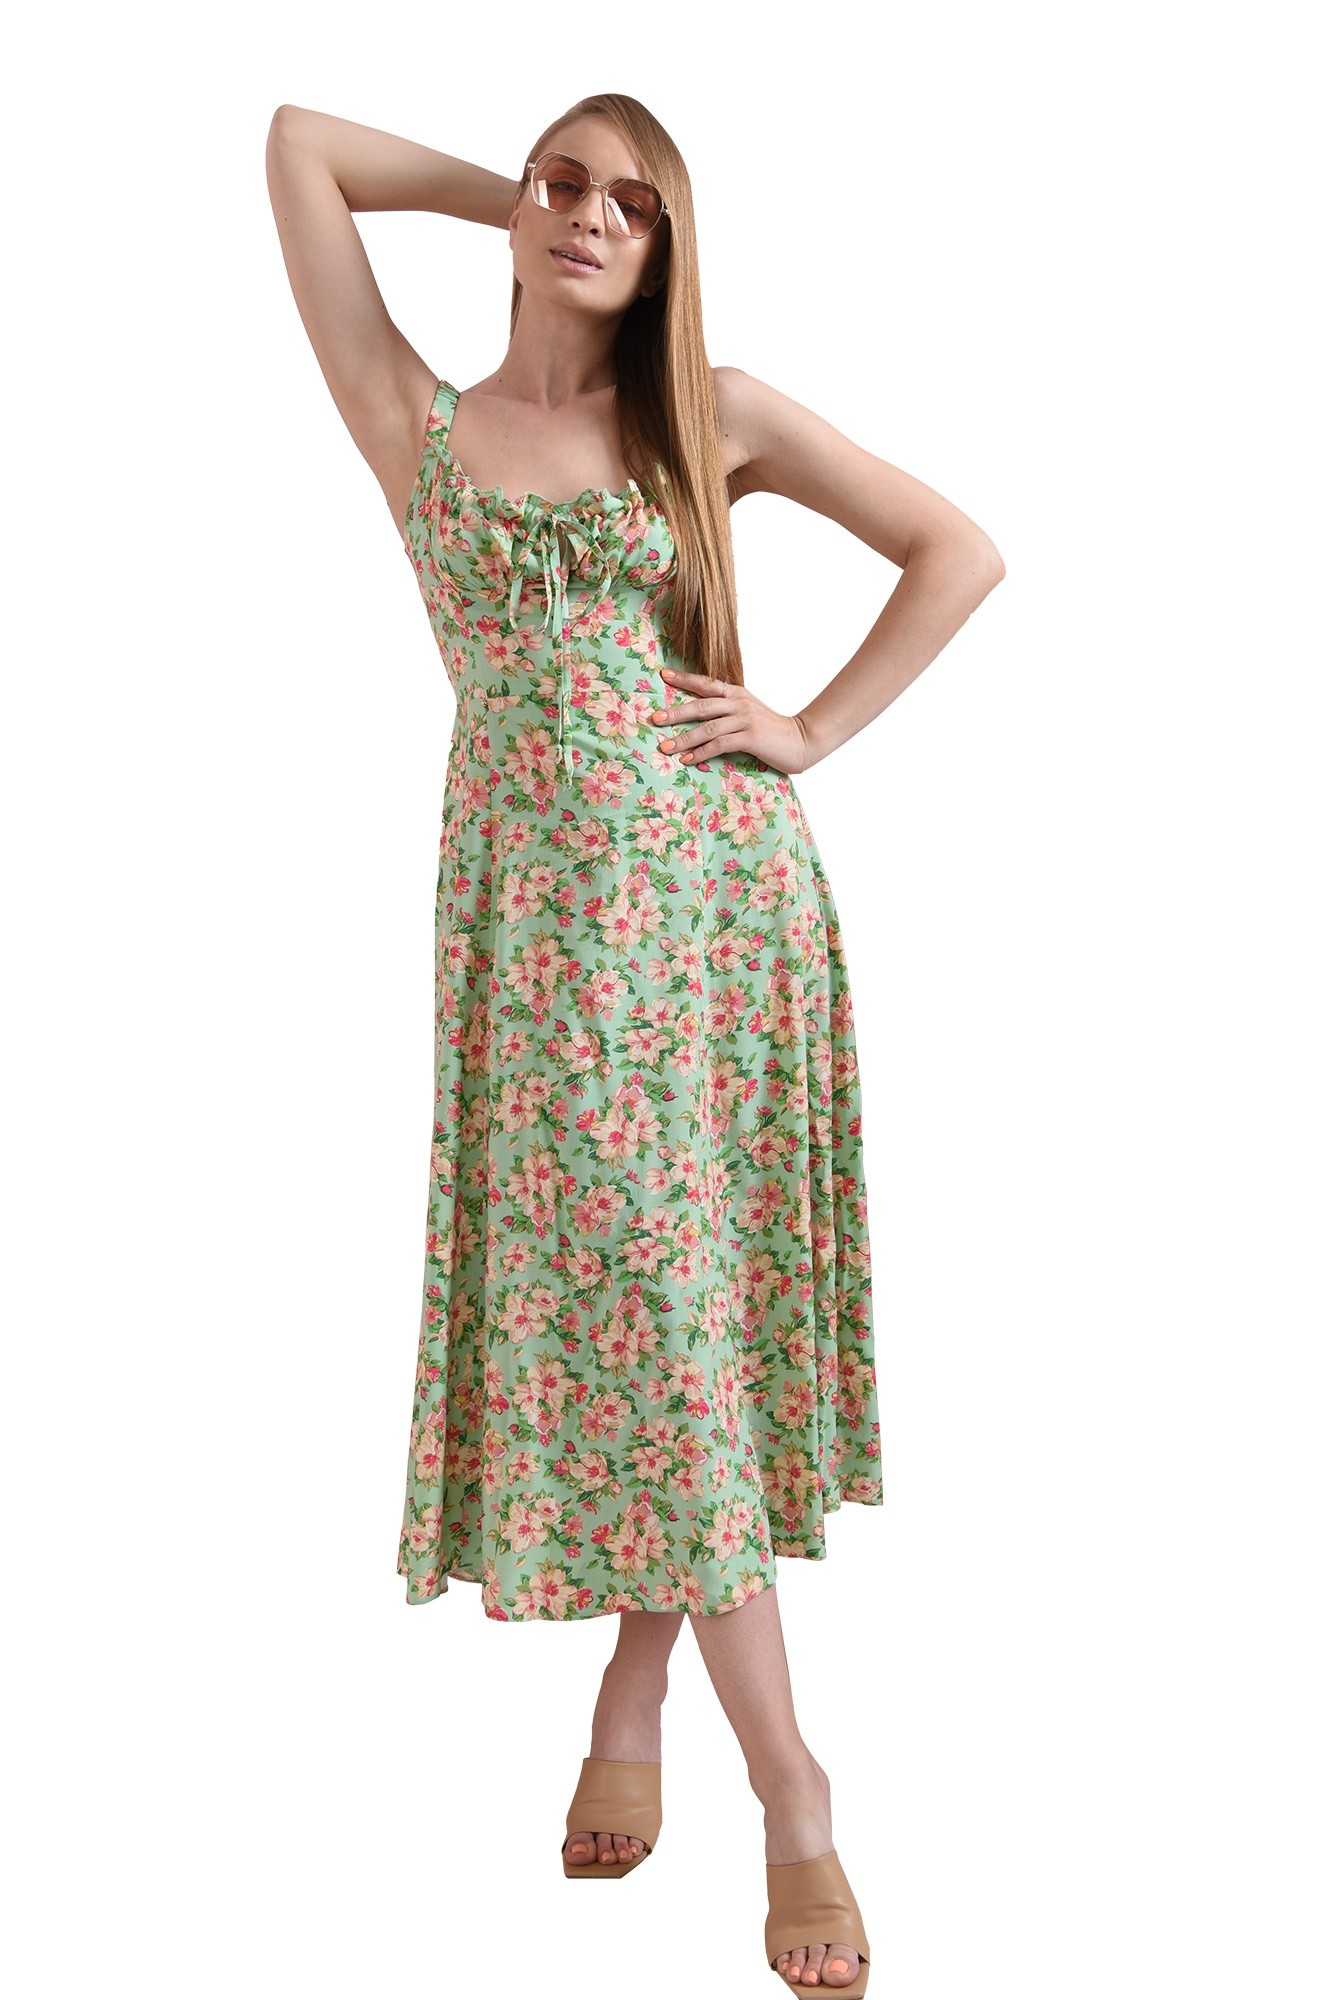 3 - rochie casual, cu motive florale, cu decolteu incretit